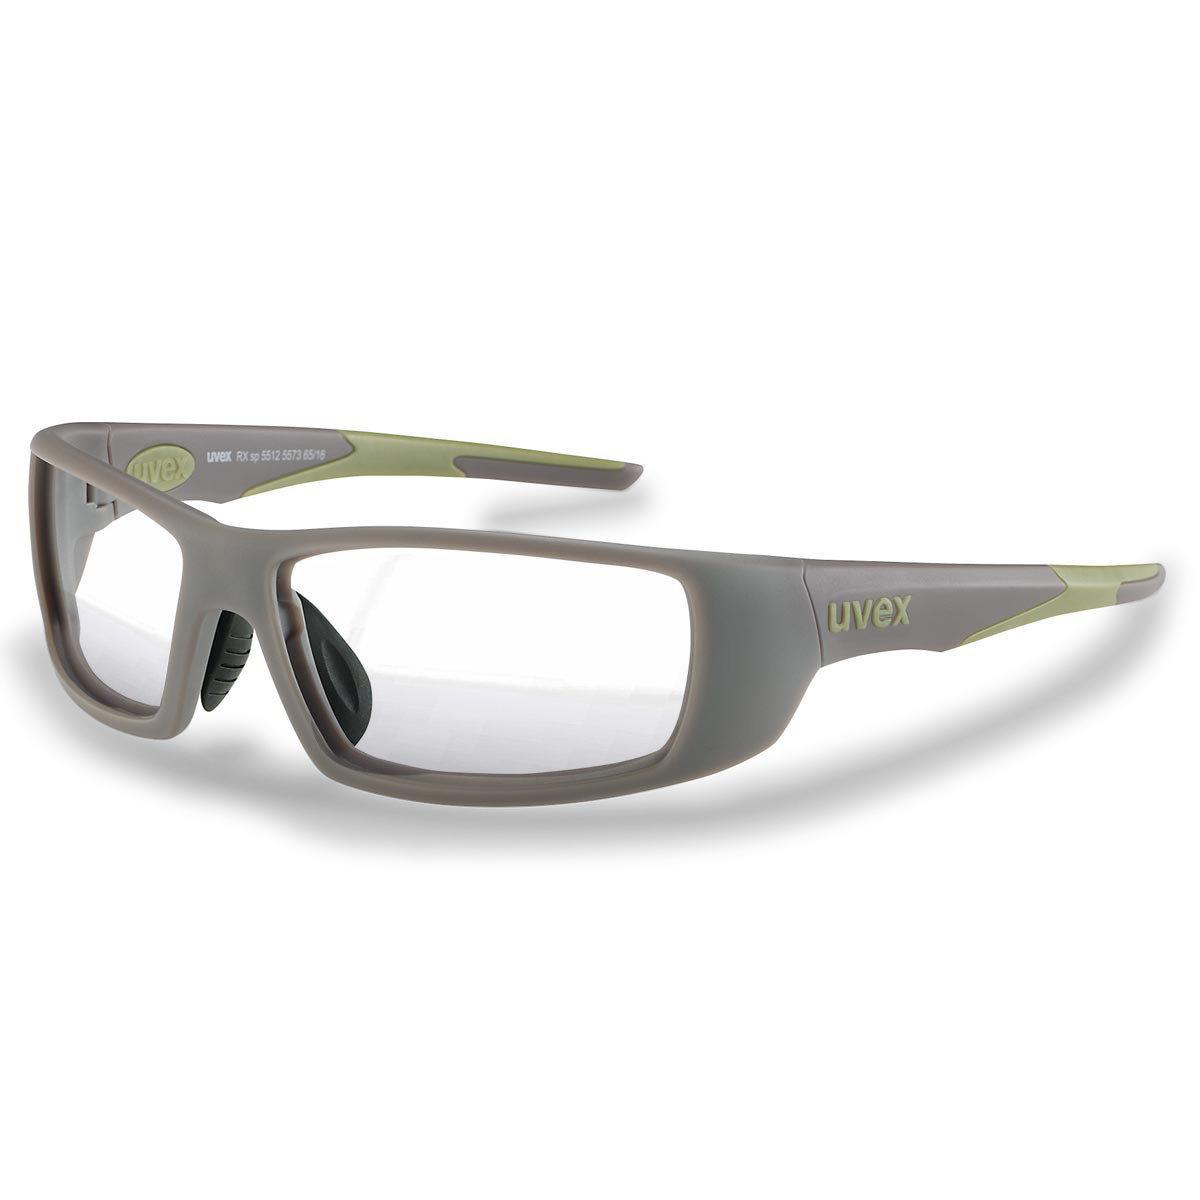 Uvex Korrektionsschutzbrille RX sp 5512 grün - Super-Entspiegelung